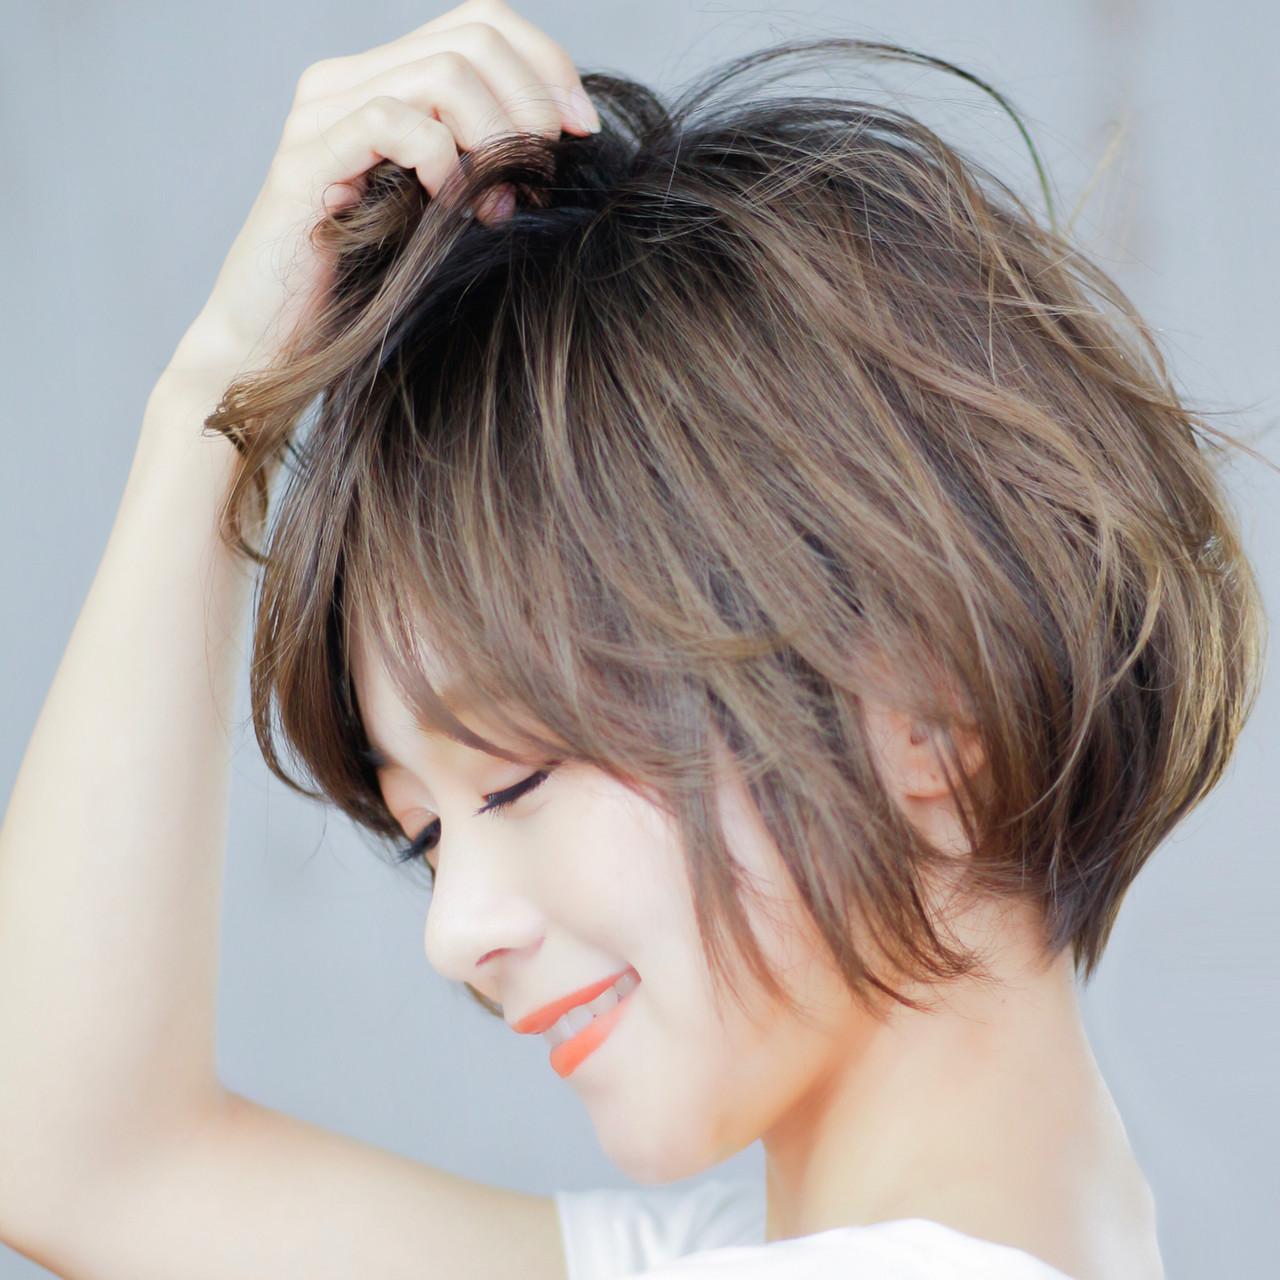 デート ショートボブ パーマ ショート ヘアスタイルや髪型の写真・画像 | 藤井宏季 / Gill hair